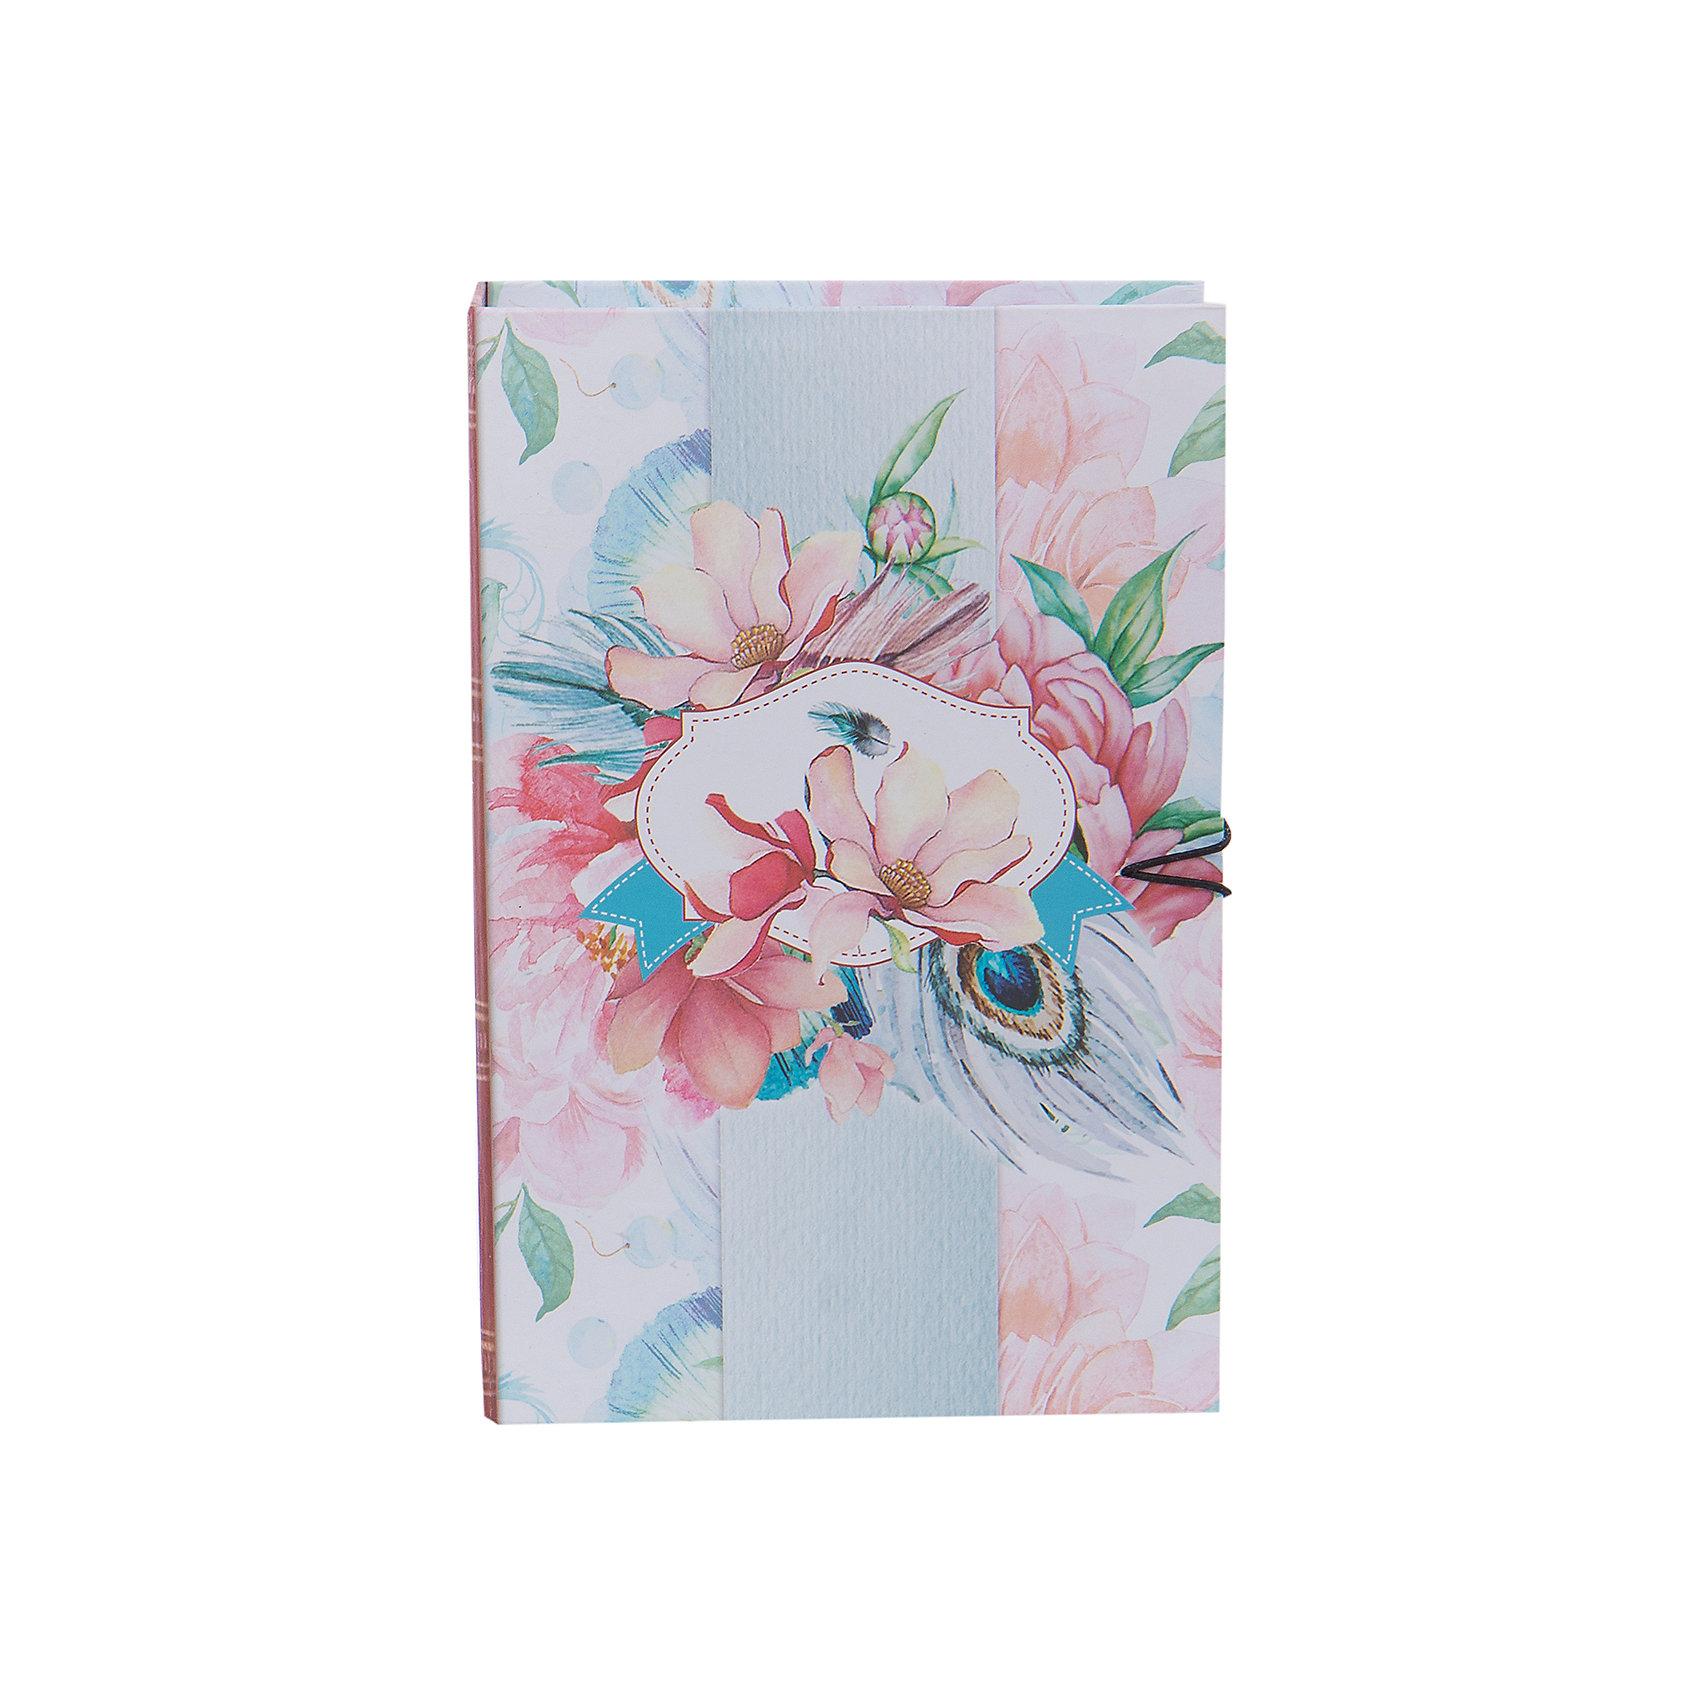 Коробка подарочная ЦВЕТЫ И ПАВЛИНЬИ ПЕРЬЯ, S 18х12х5, Феникс-ПрезентПредметы интерьера<br>Подарочная коробка Цветы и павлиньи перья S, 18х12х5, Феникс-Презент.<br><br>Характеристика:<br><br>• Материал: картон (мелованный, ламинированный).<br>• Плотность картона: 1100 г/м2. <br>• Размер: 18х12х5 см. <br>• Яркий привлекательный дизайн. <br>• Рисунок на внутренней и наружной части. <br><br>Оригинально оформленная коробка-шкатулка станет прекрасным дополнение к основному подарку или же отличным сувениром на любой праздник. <br><br>Подарочную коробку Цветы и павлиньи перья S, 18х12х5, Феникс-Презент, можно купить в нашем интернет-магазине.<br><br>Ширина мм: 180<br>Глубина мм: 120<br>Высота мм: 50<br>Вес г: 113<br>Возраст от месяцев: 12<br>Возраст до месяцев: 1188<br>Пол: Унисекс<br>Возраст: Детский<br>SKU: 5168413